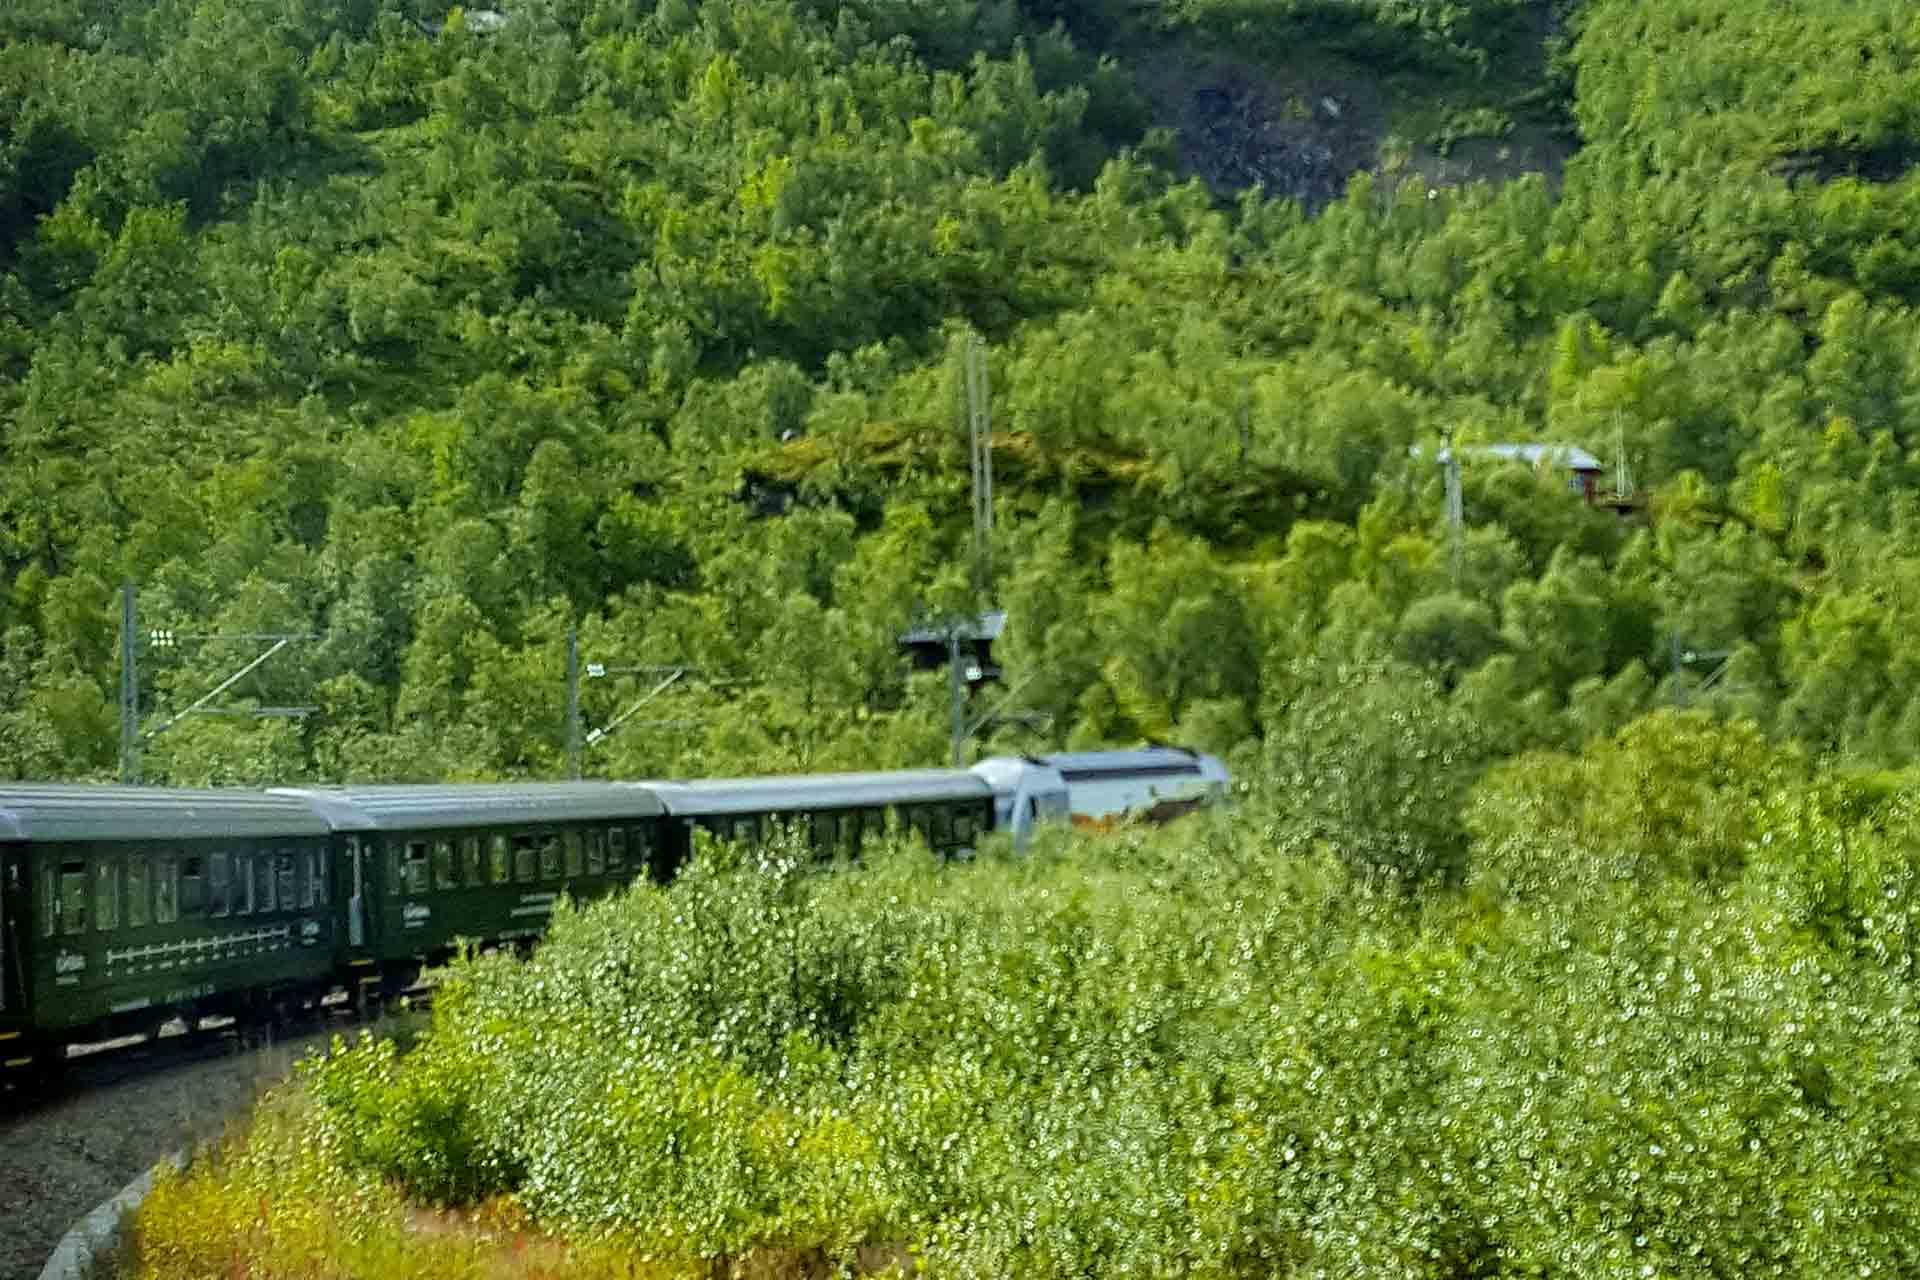 Viaggiare In Treno: Quattro Itinerari Storici Per Muoversi Slow